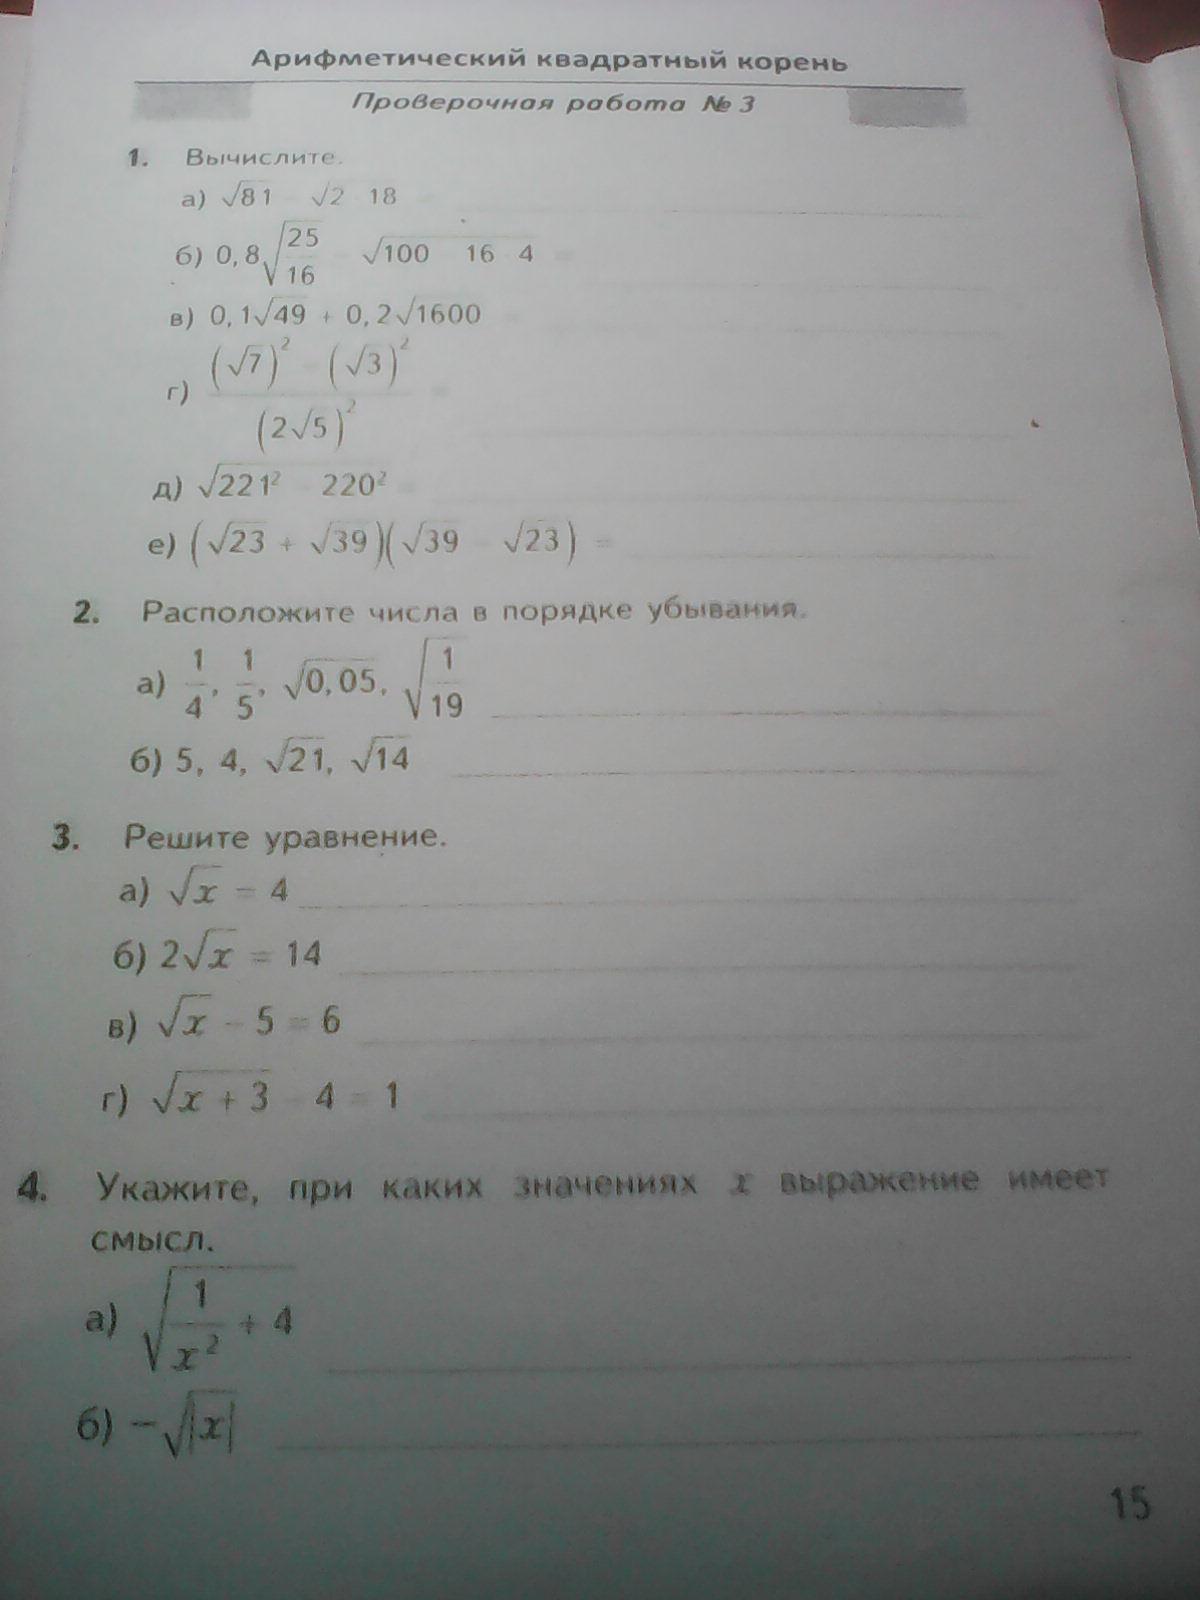 Помогите пожалуйста?